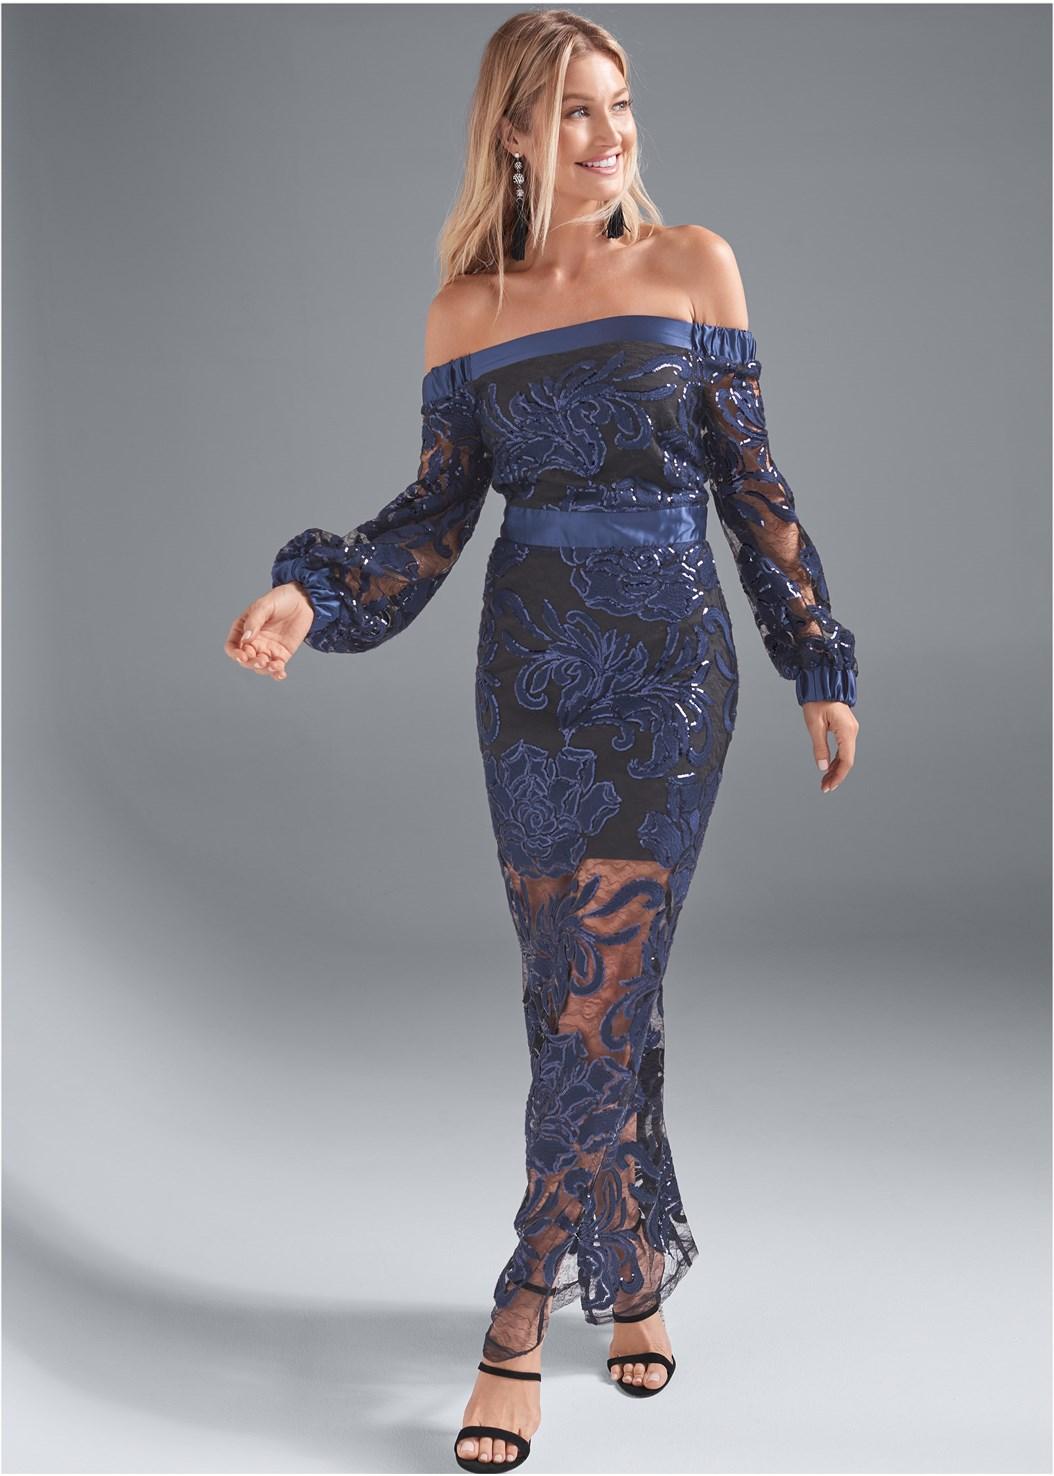 Sequin Gown,Jewel Fringe Earrings